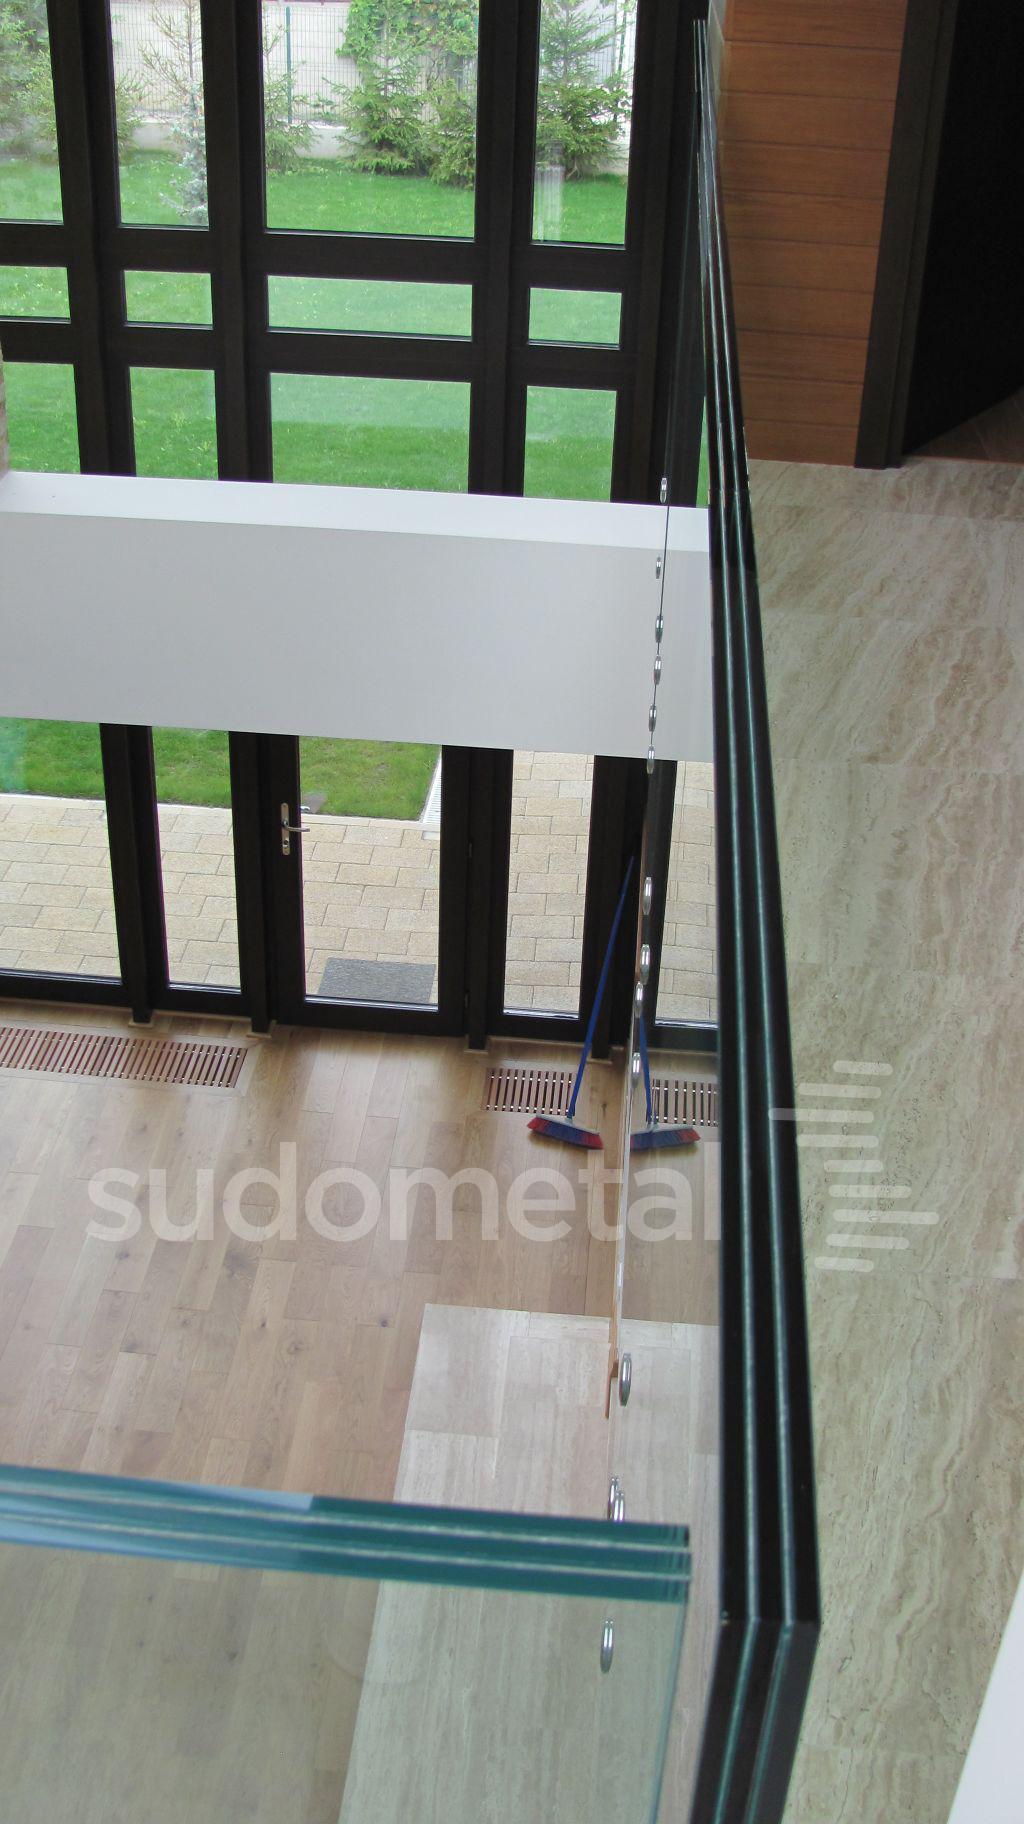 Balustrade din sticla - Balustrada din sticla tripla casa particulara Bacau SUDOMETAL - Poza 8